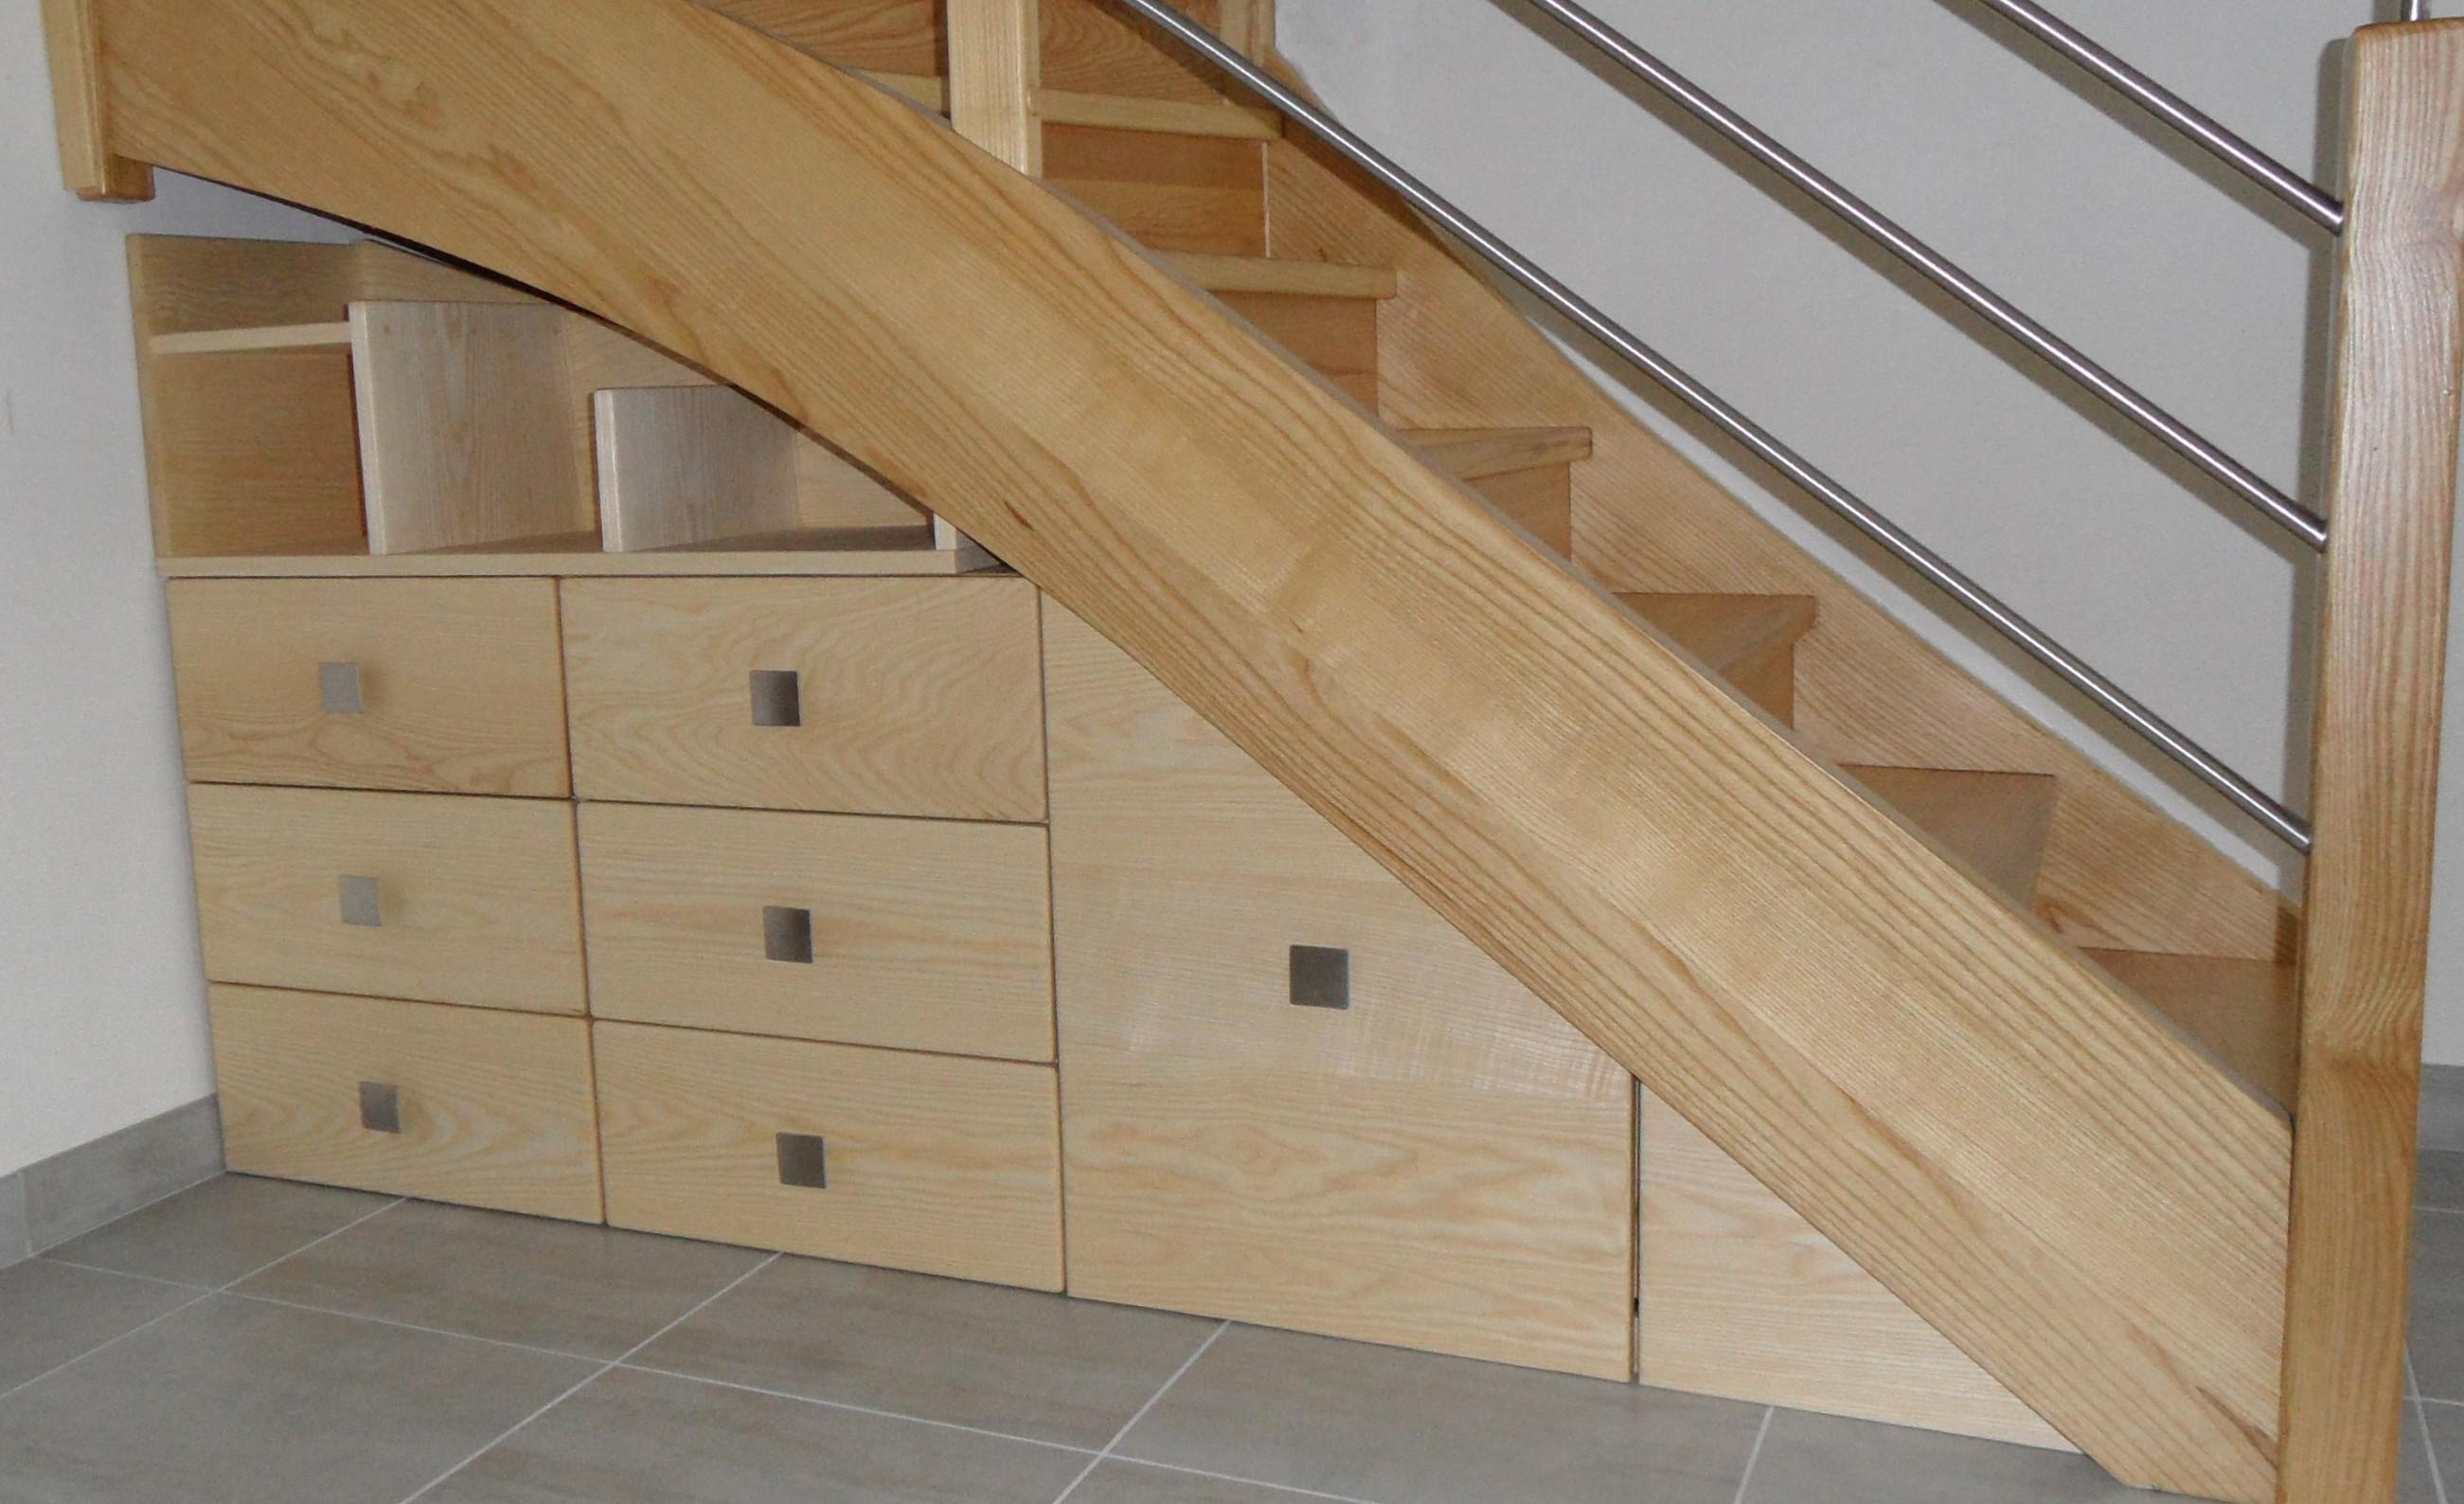 arborethique meuble bois massif bio rennes bretagne meuble bois dessous d 39 escalier. Black Bedroom Furniture Sets. Home Design Ideas